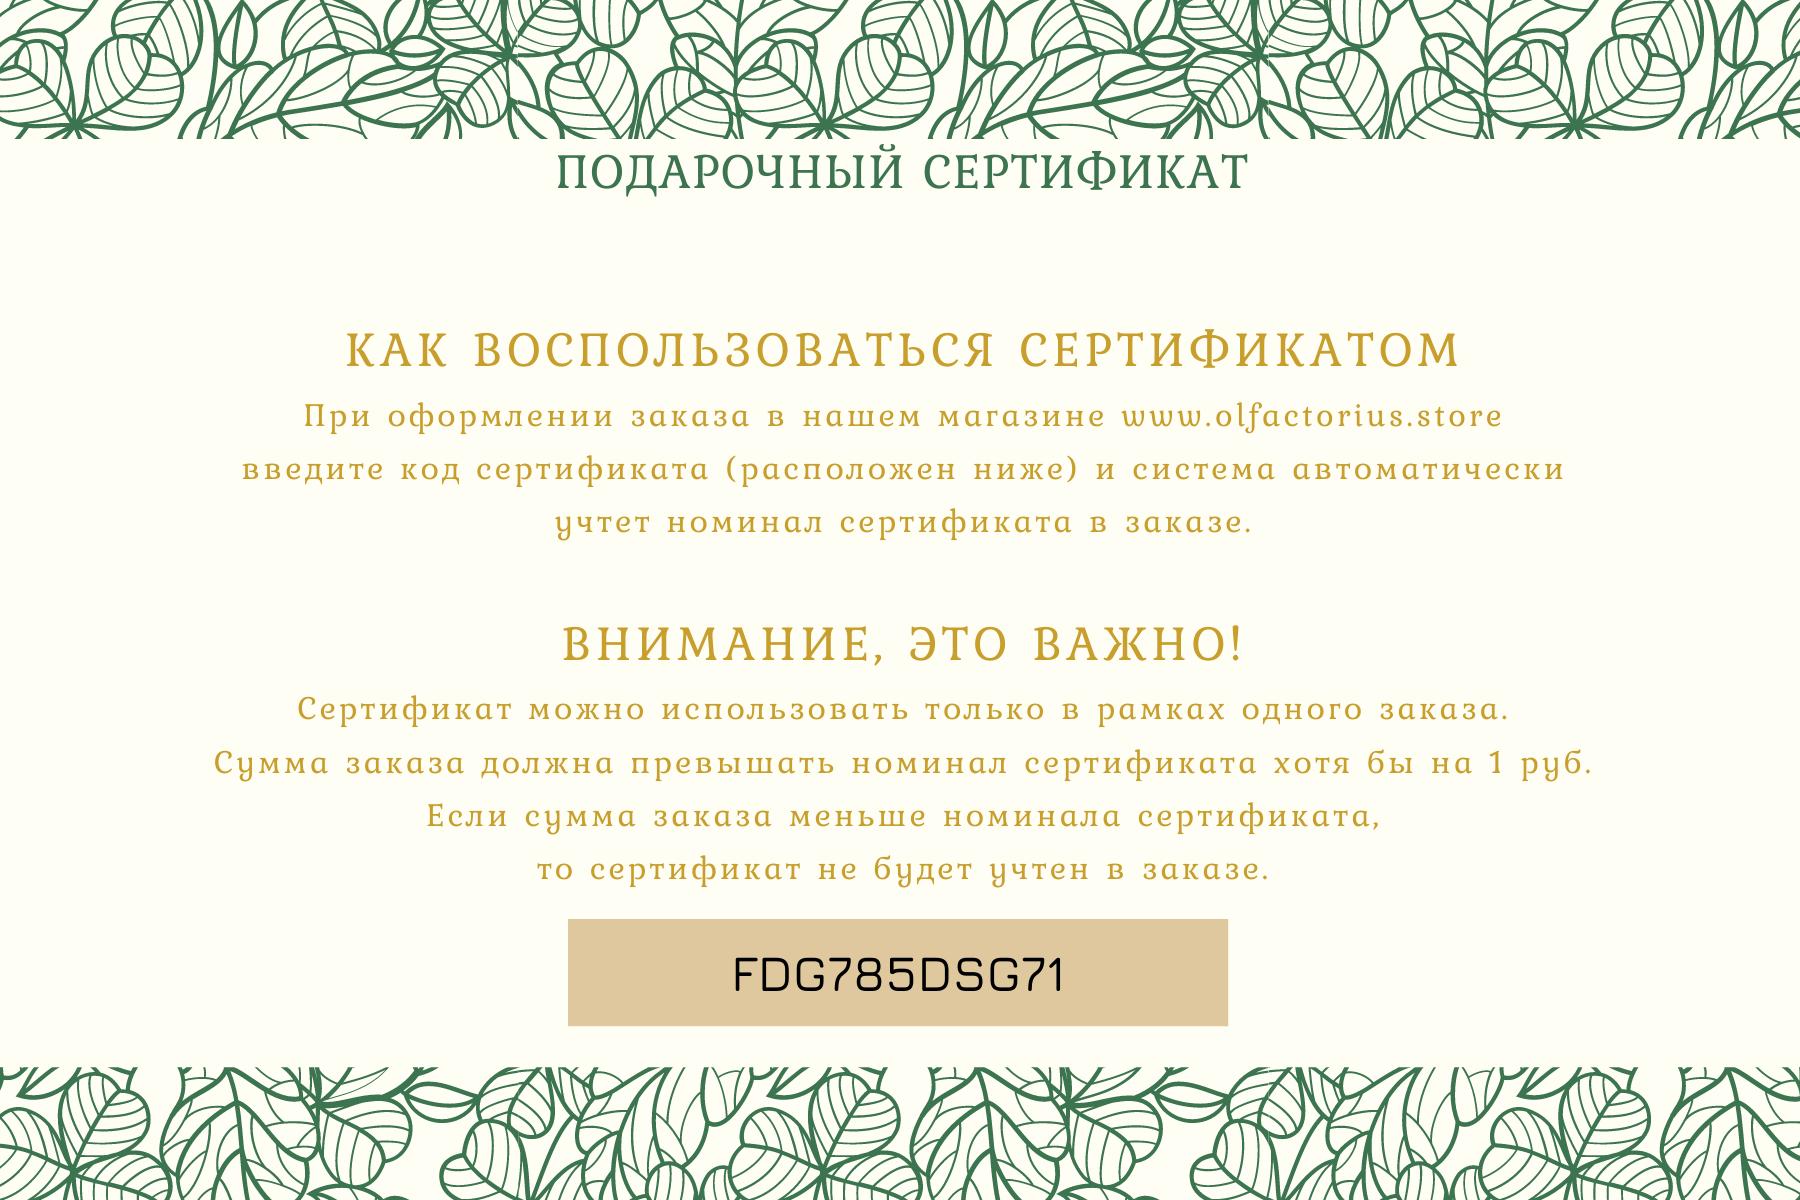 Подарочный сертификат на 2500руб.